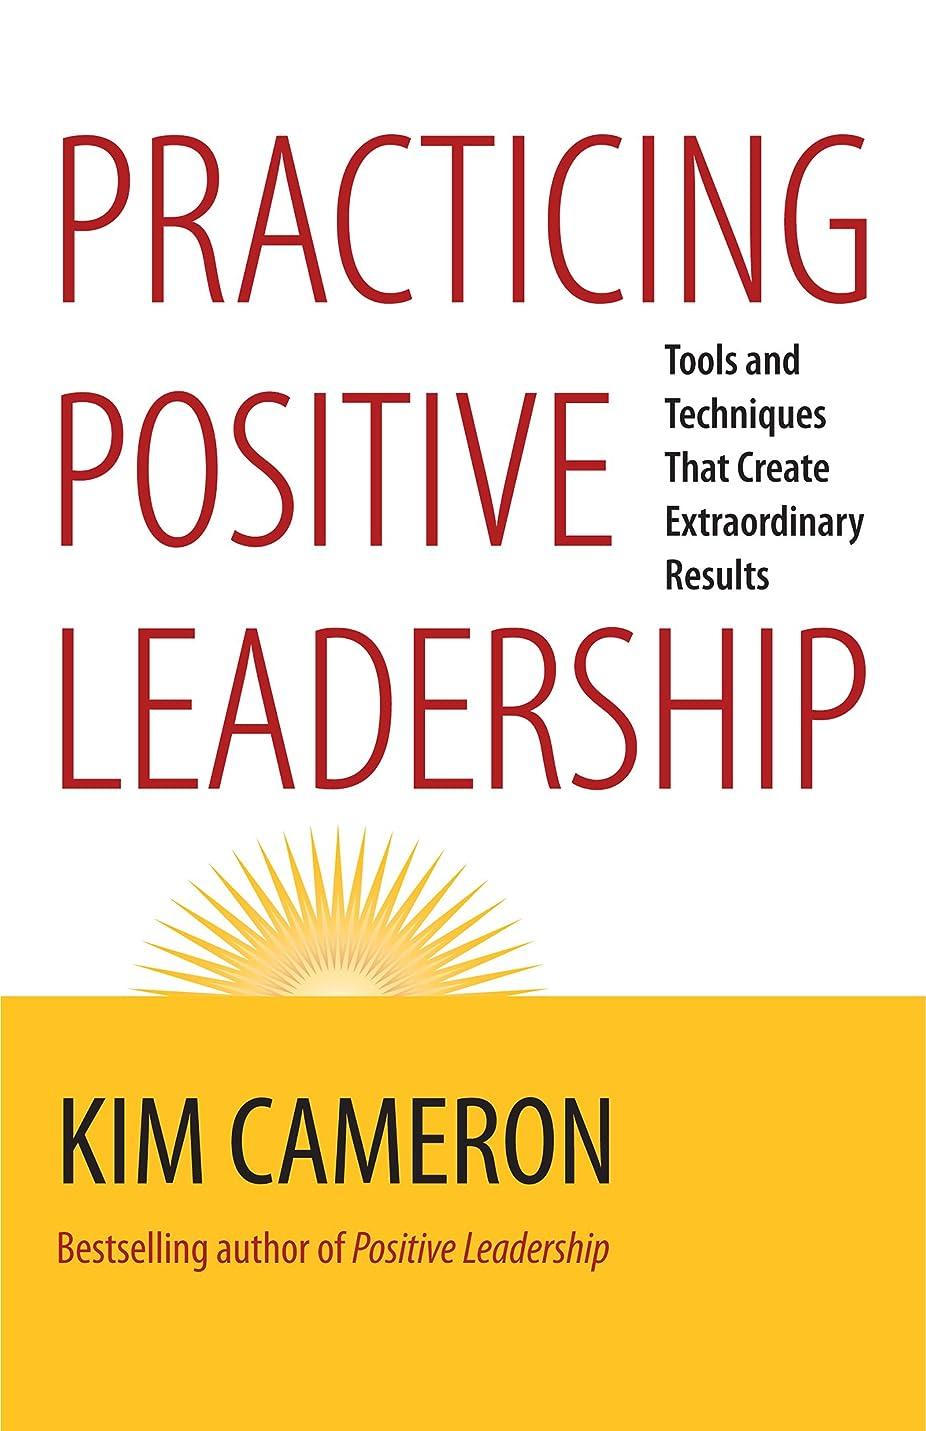 くそーもっともらしい解釈的Practicing Positive Leadership: Tools and Techniques That Create Extraordinary Results